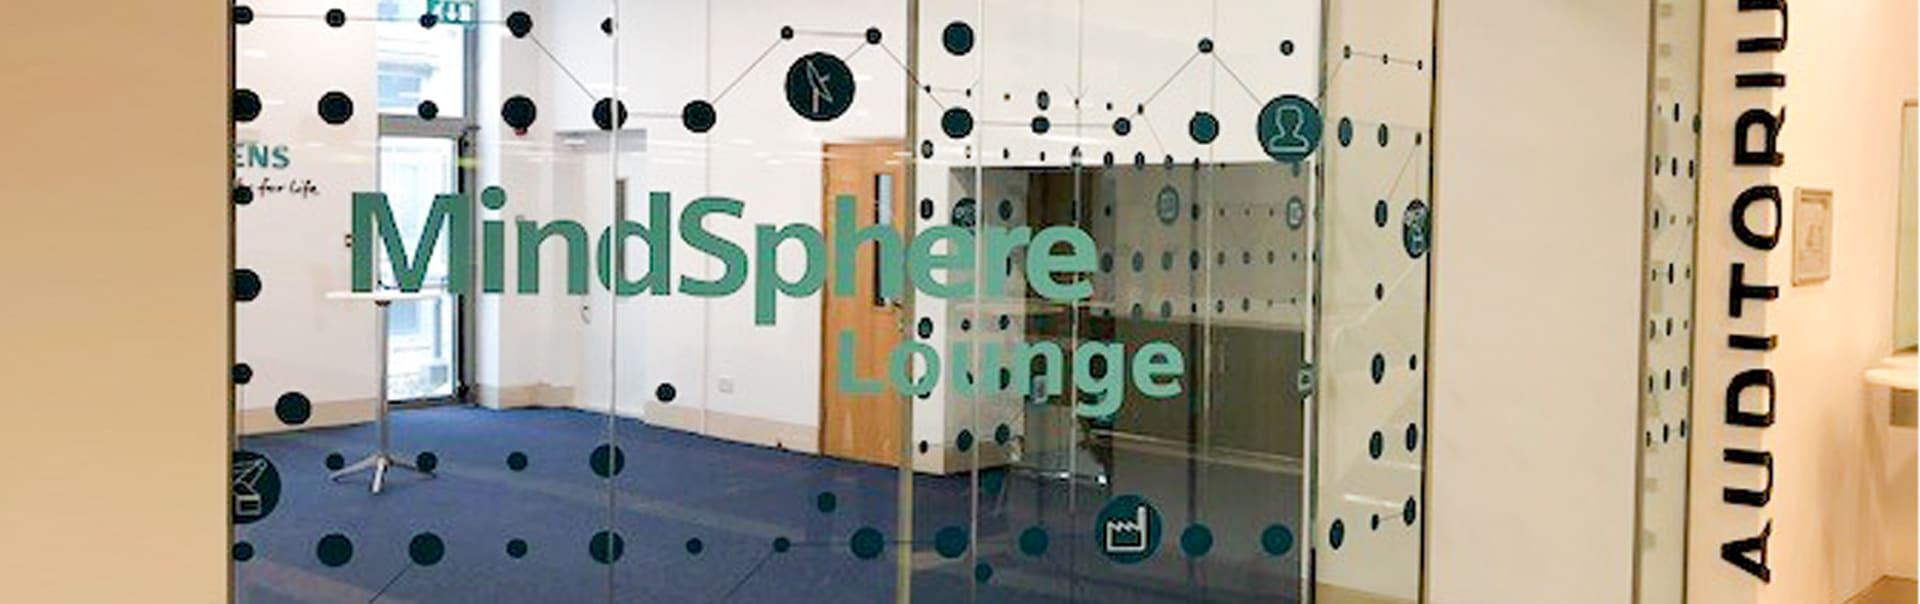 Cut-vinyl-branding_at_Siemens_Mindsphere, DCU Alpha, Dublin